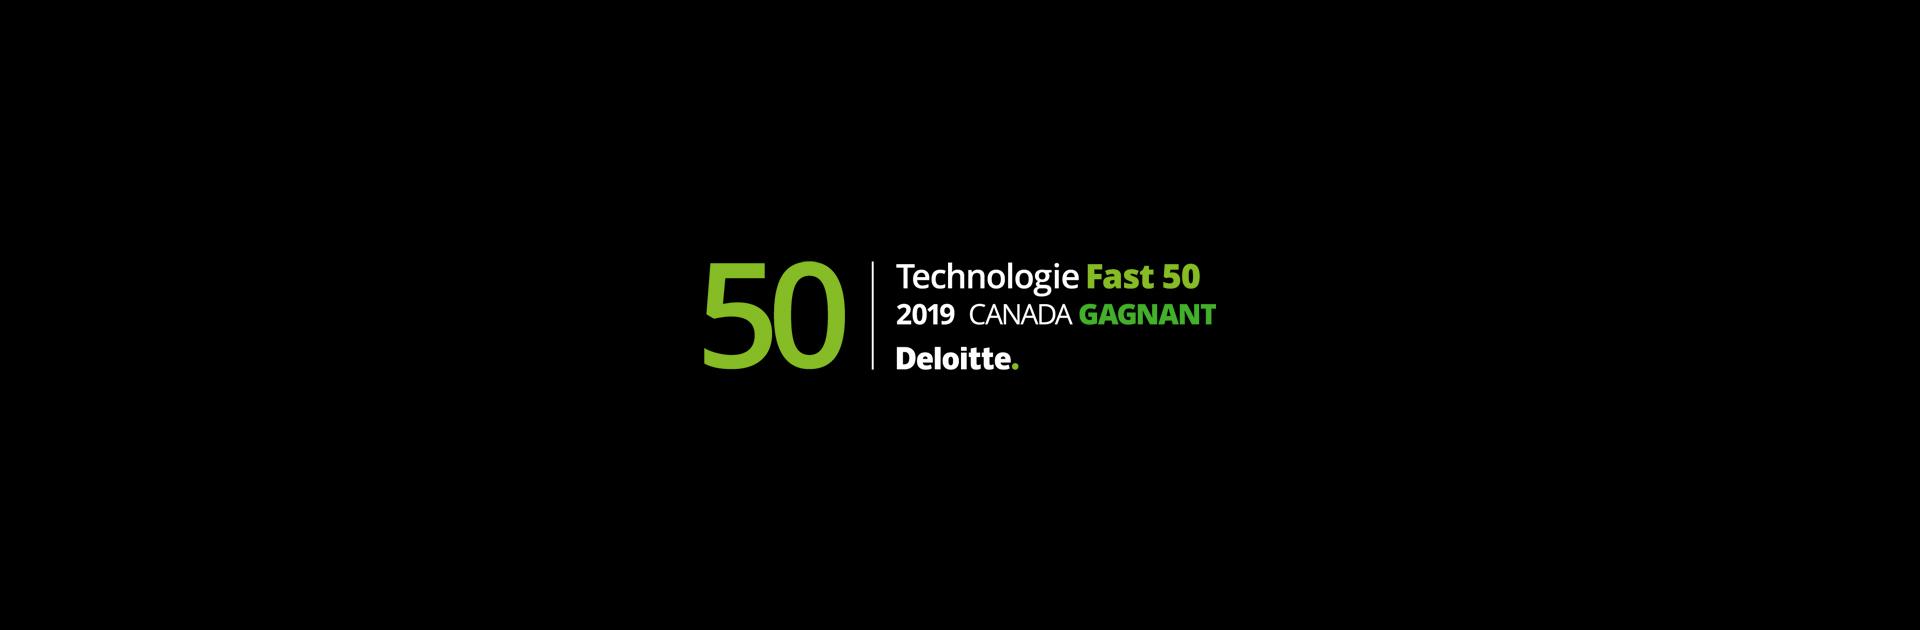 Behaviour Interactif s'est classée parmi les lauréates de la catégorie Entreprises Fast 15 du palmarès Technologie Fast 50, et figure au palmarès Technology Fast 500 de Deloitte